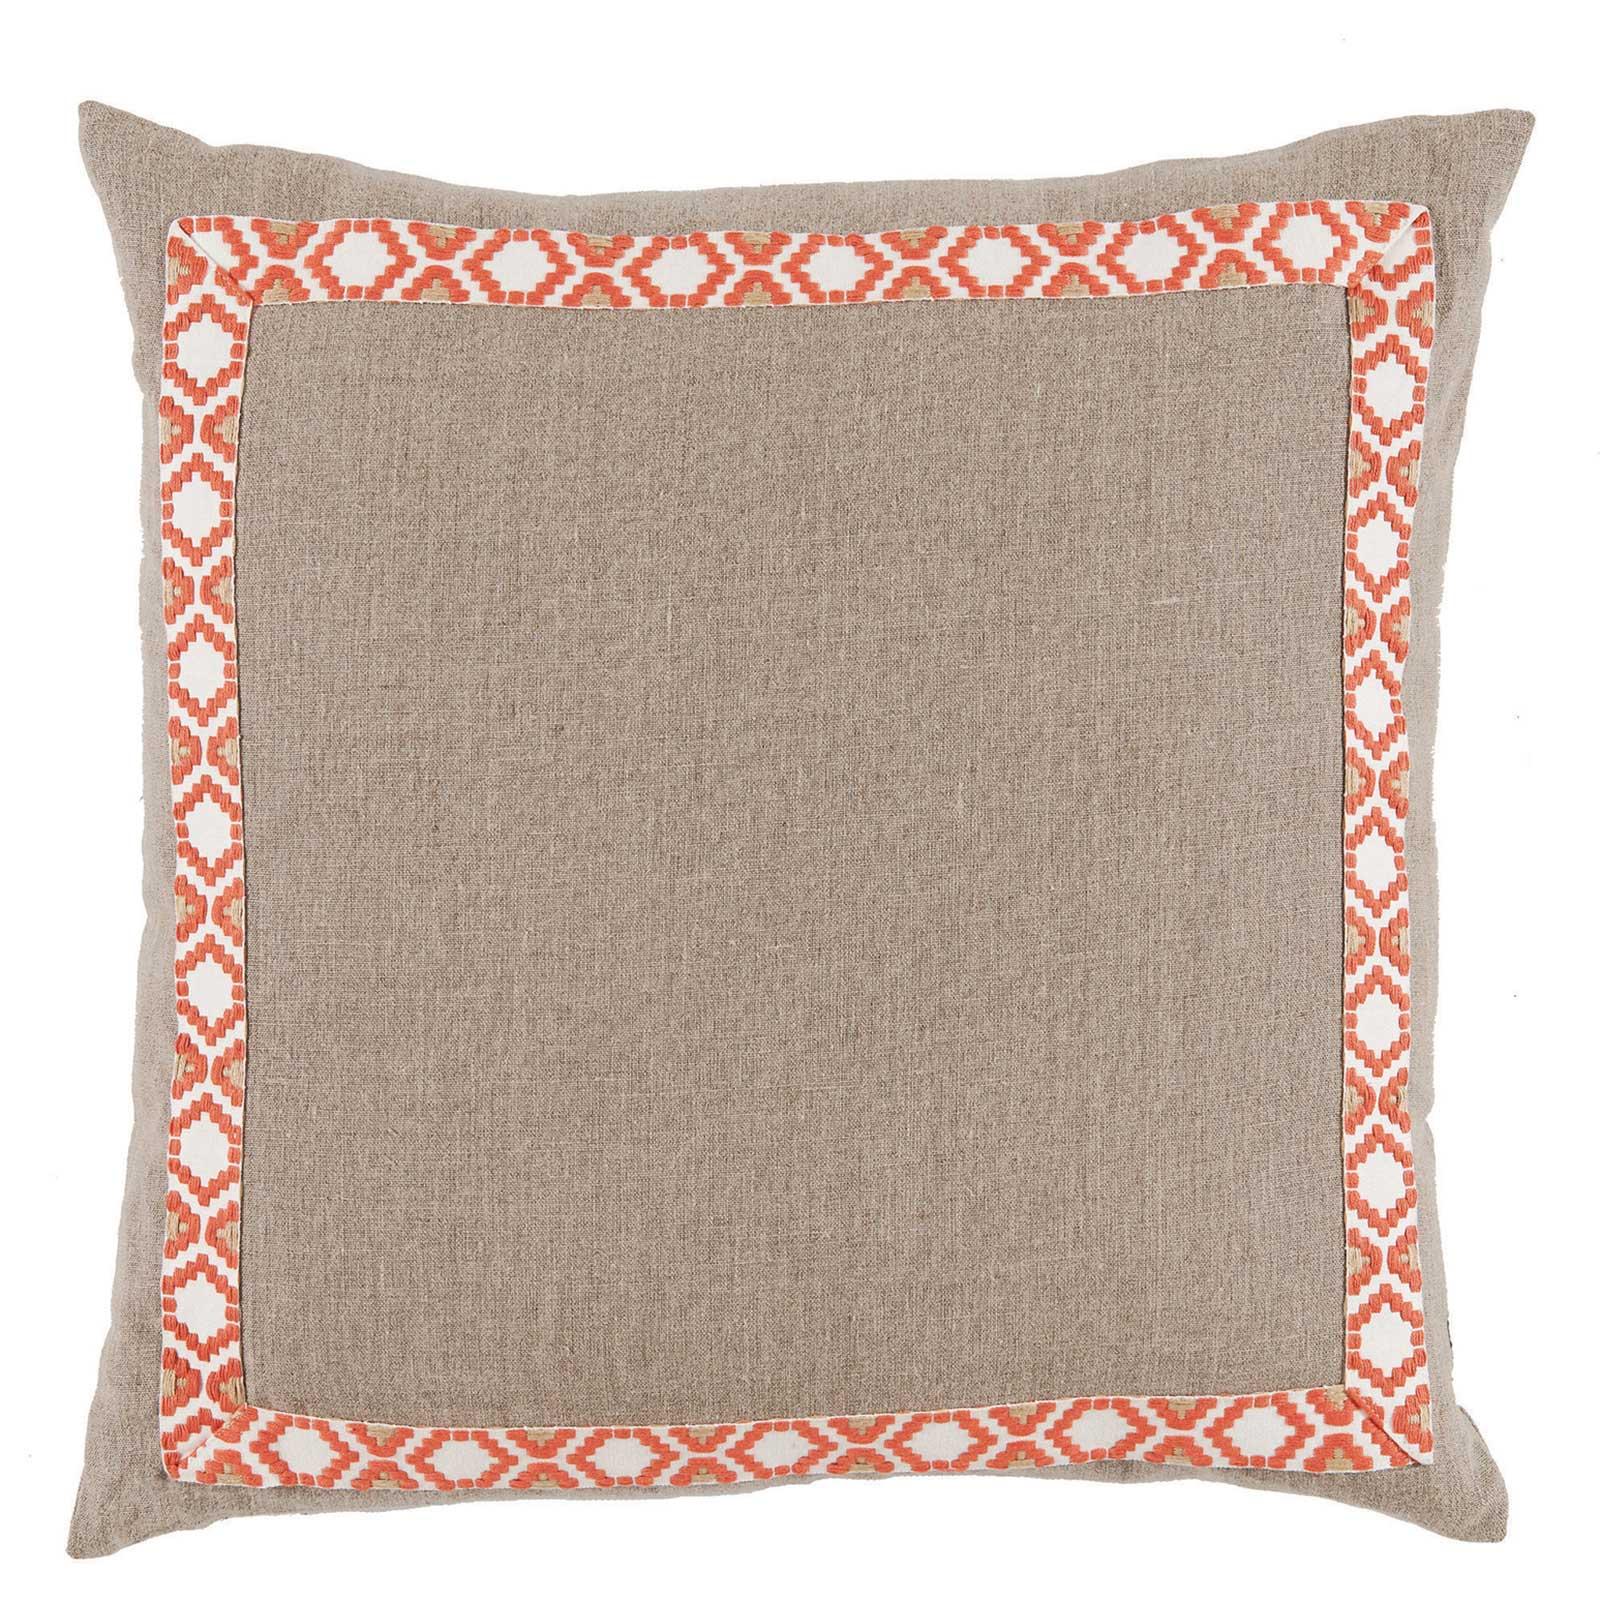 Kaia Global Beige Linen Trim Band Pillow - 24x24